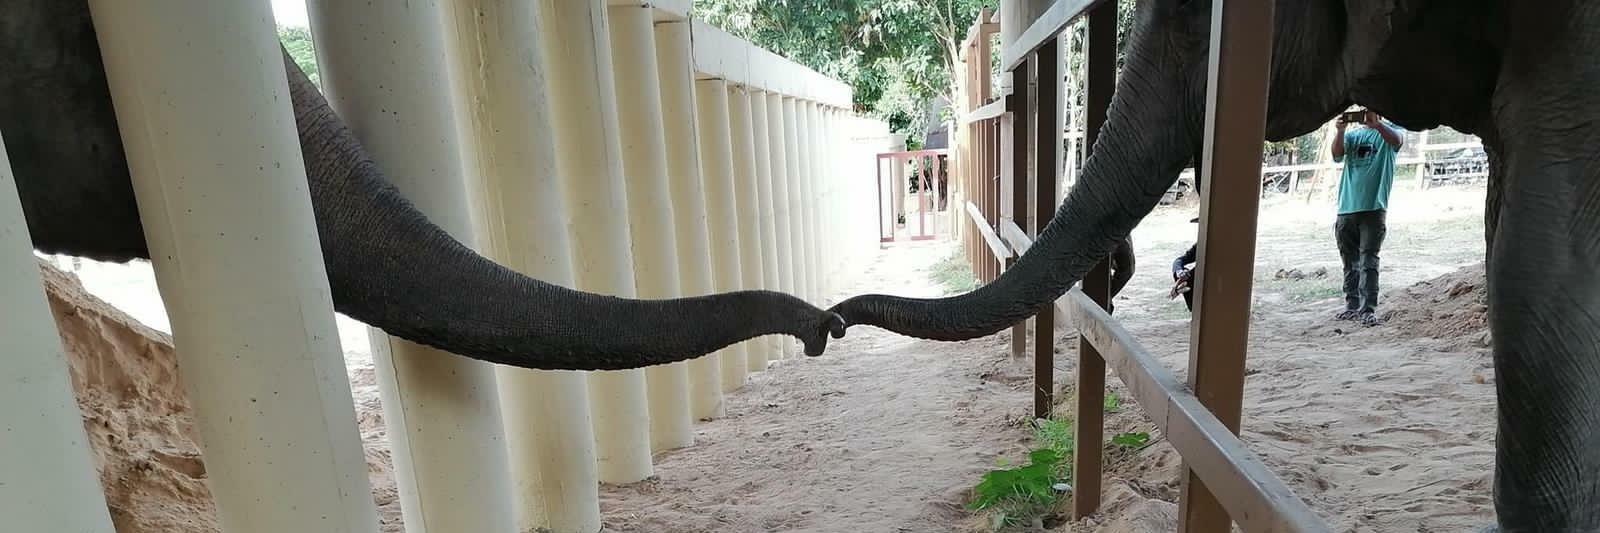 Olifant Kaavan